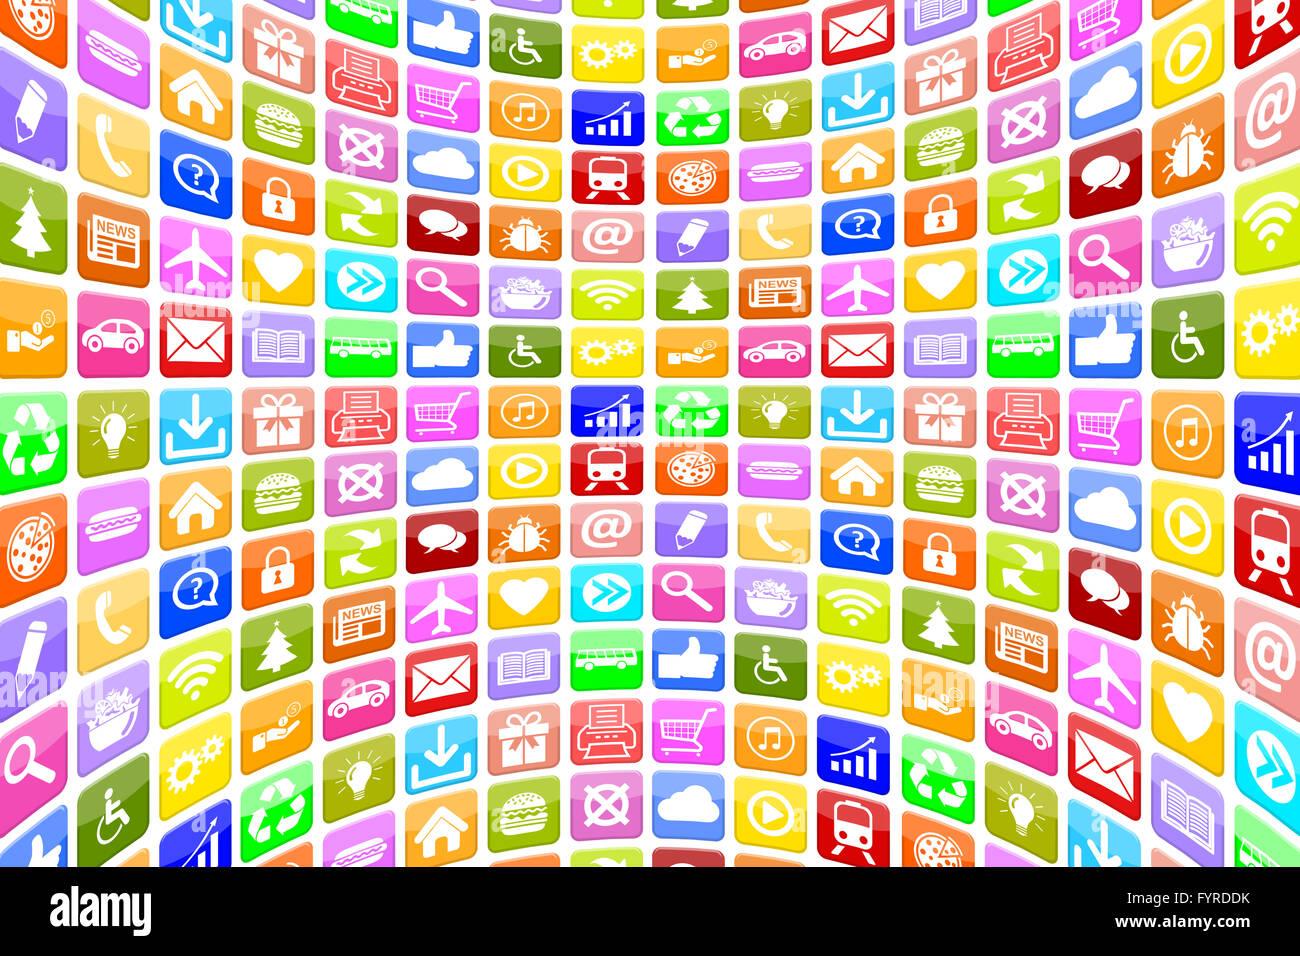 Aplicaciones Aplicaciones App Icon iconos für Handy oder Hintergrund Smartphone Imagen De Stock